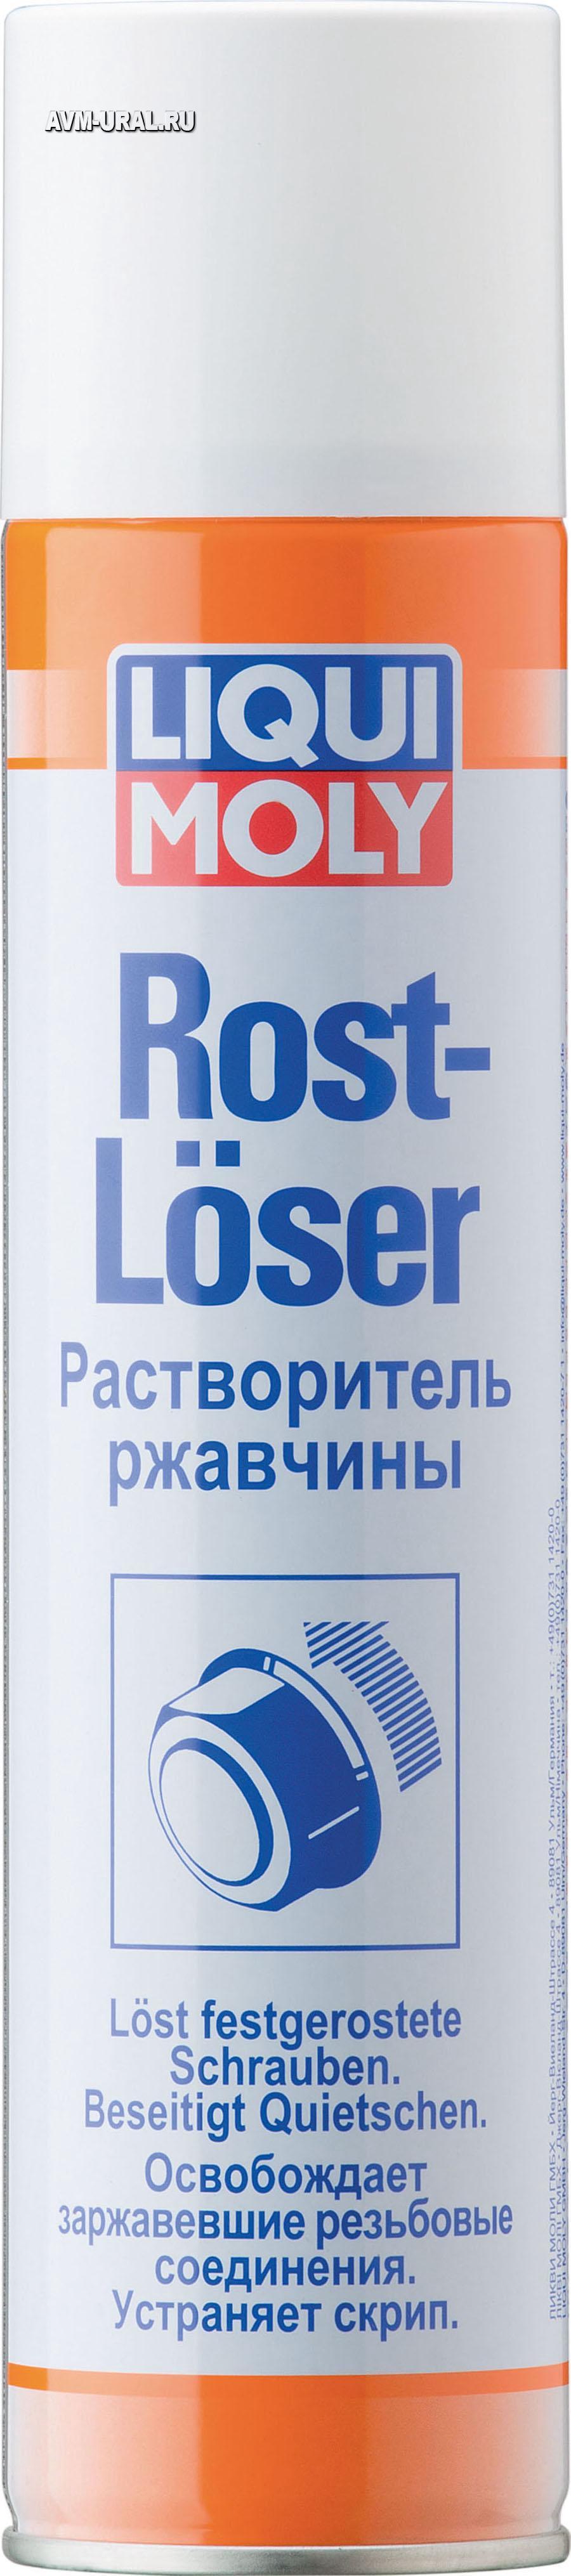 Растворитель ржавчины Rostloser